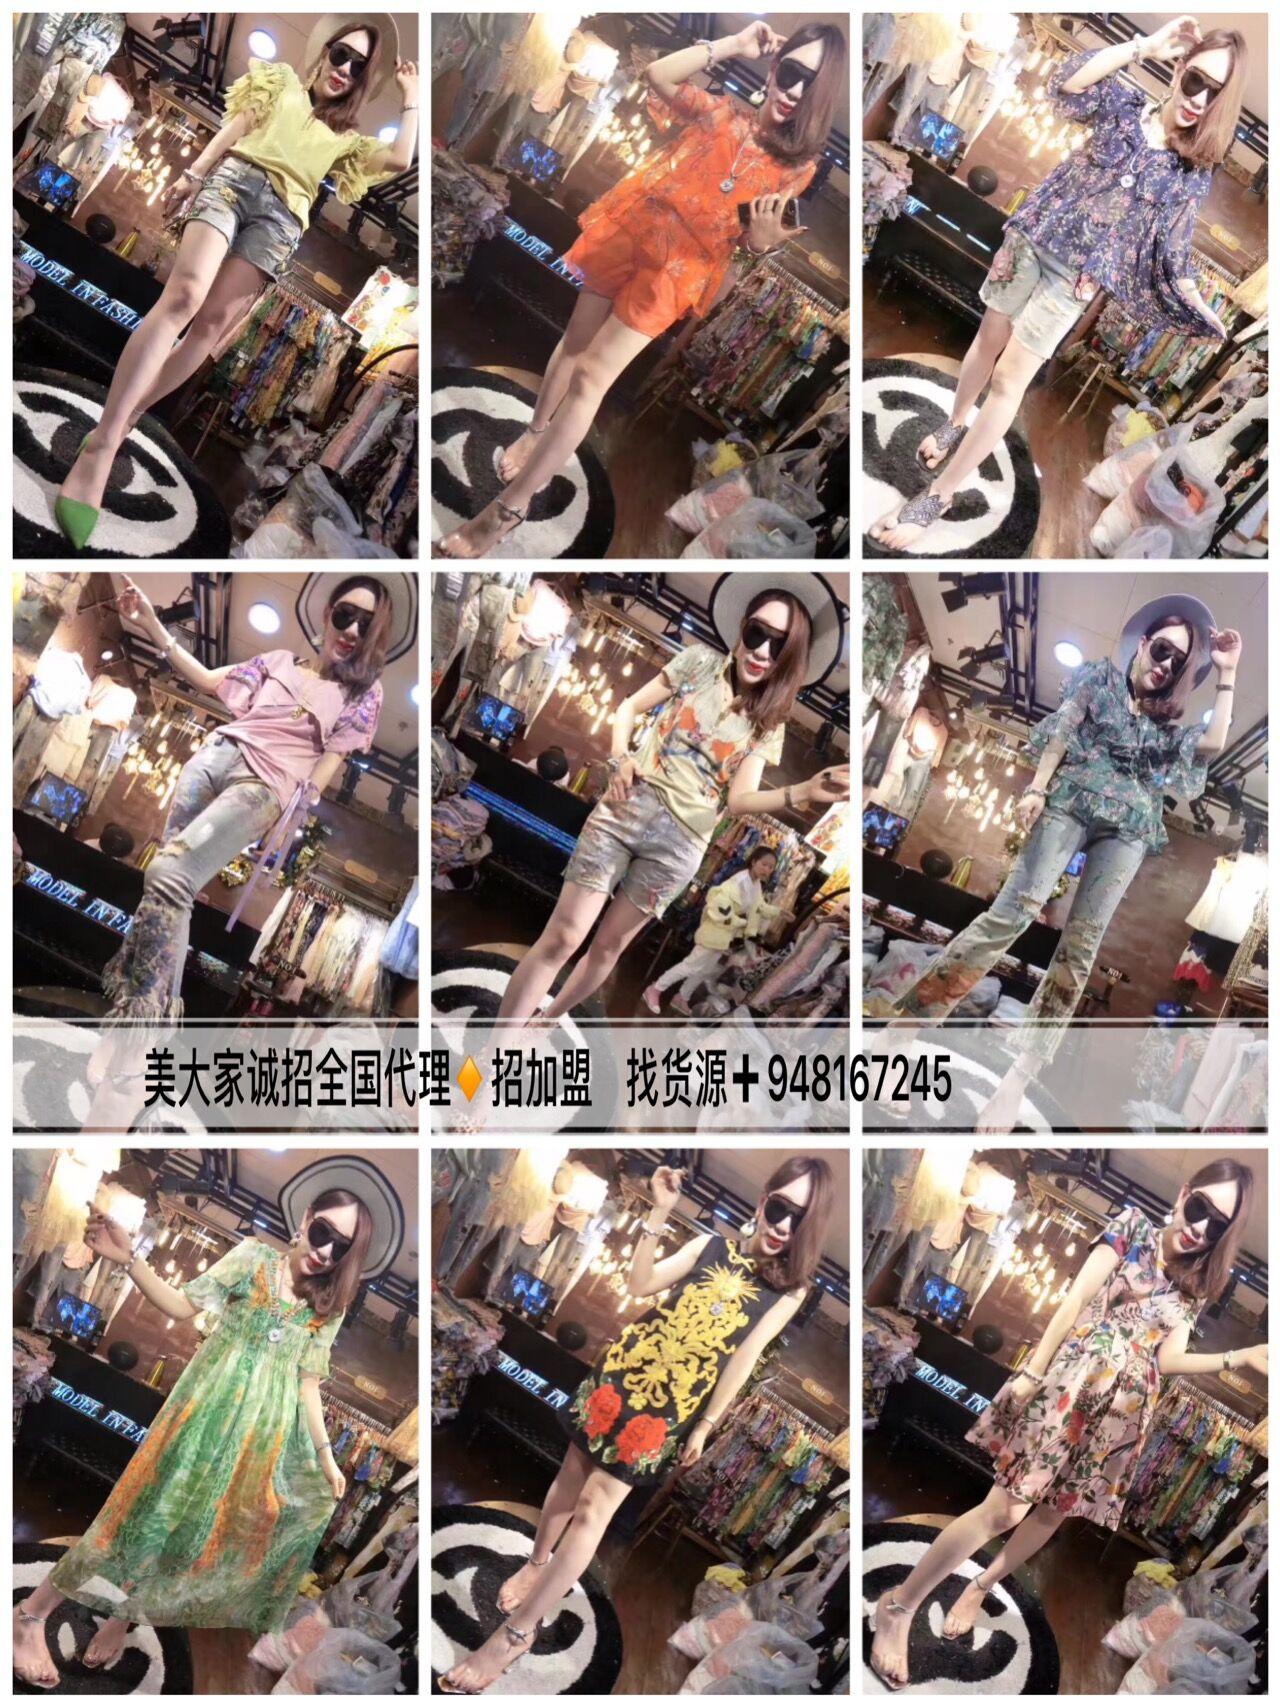 这是第7张女装欧美日韩泰国多种款式选择的货源图片